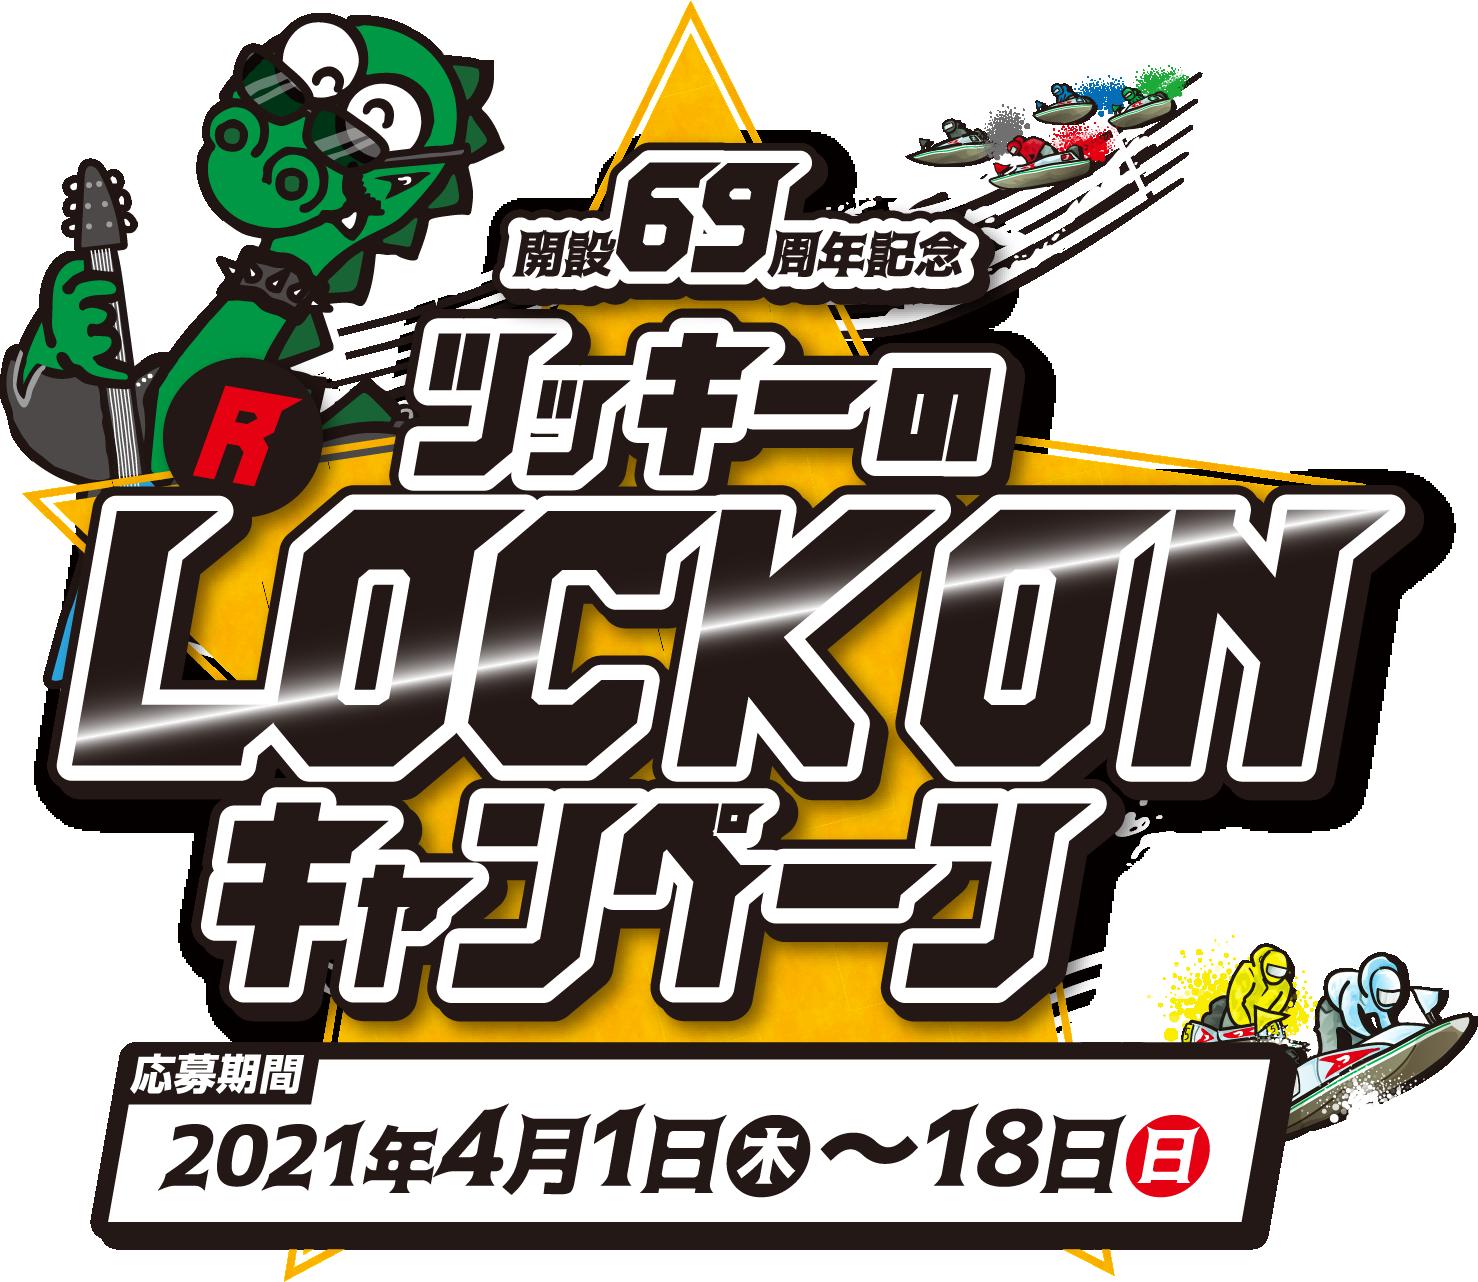 開設69周年 ツッキーのLOCKONキャンペーン 応募期間2021年4月1日(火)~18日(日)